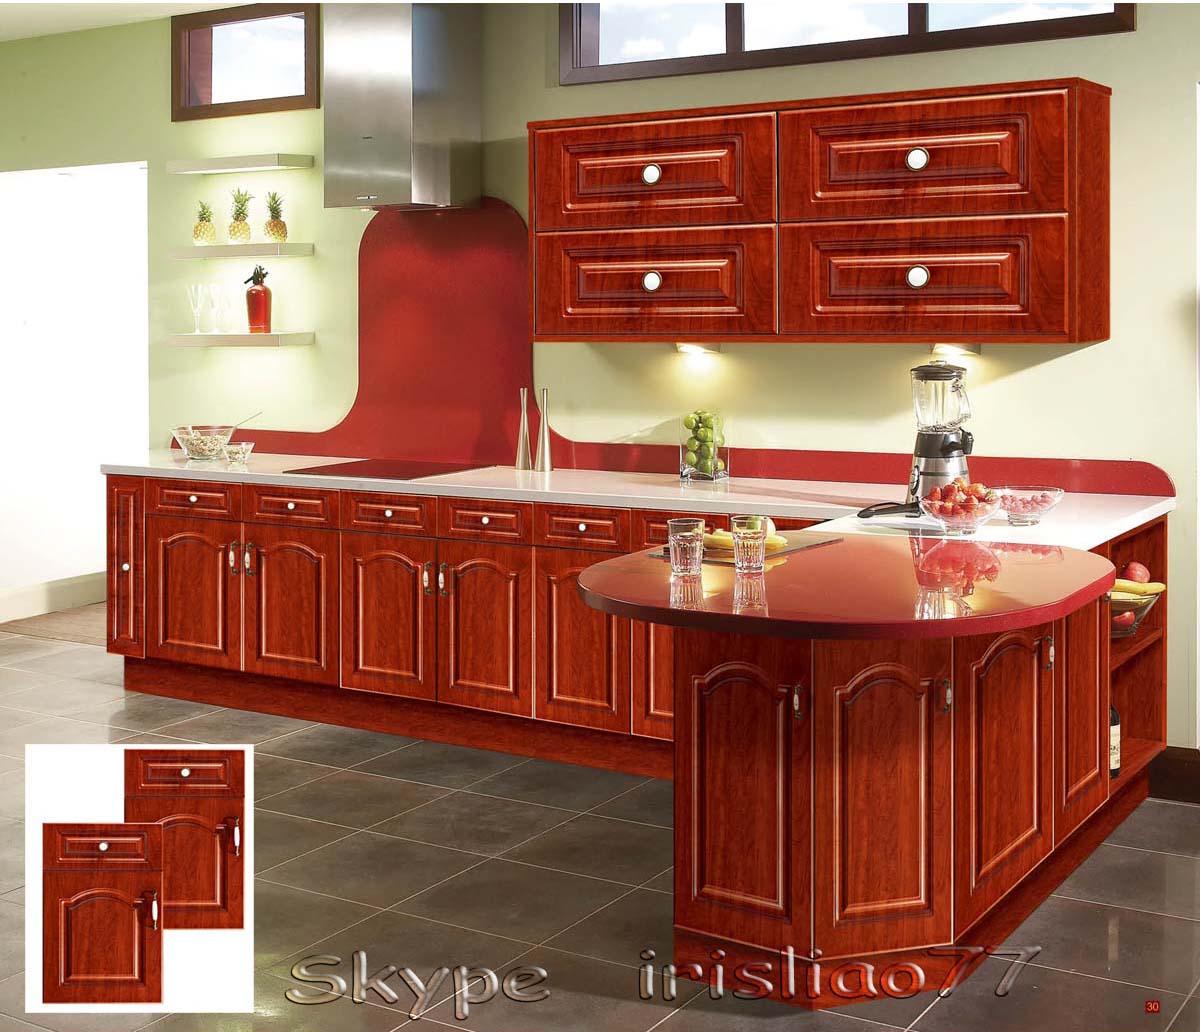 Gabinetes de cocina lindas fotos de en conjunto ideas de for Ideas de gabinetes de cocina